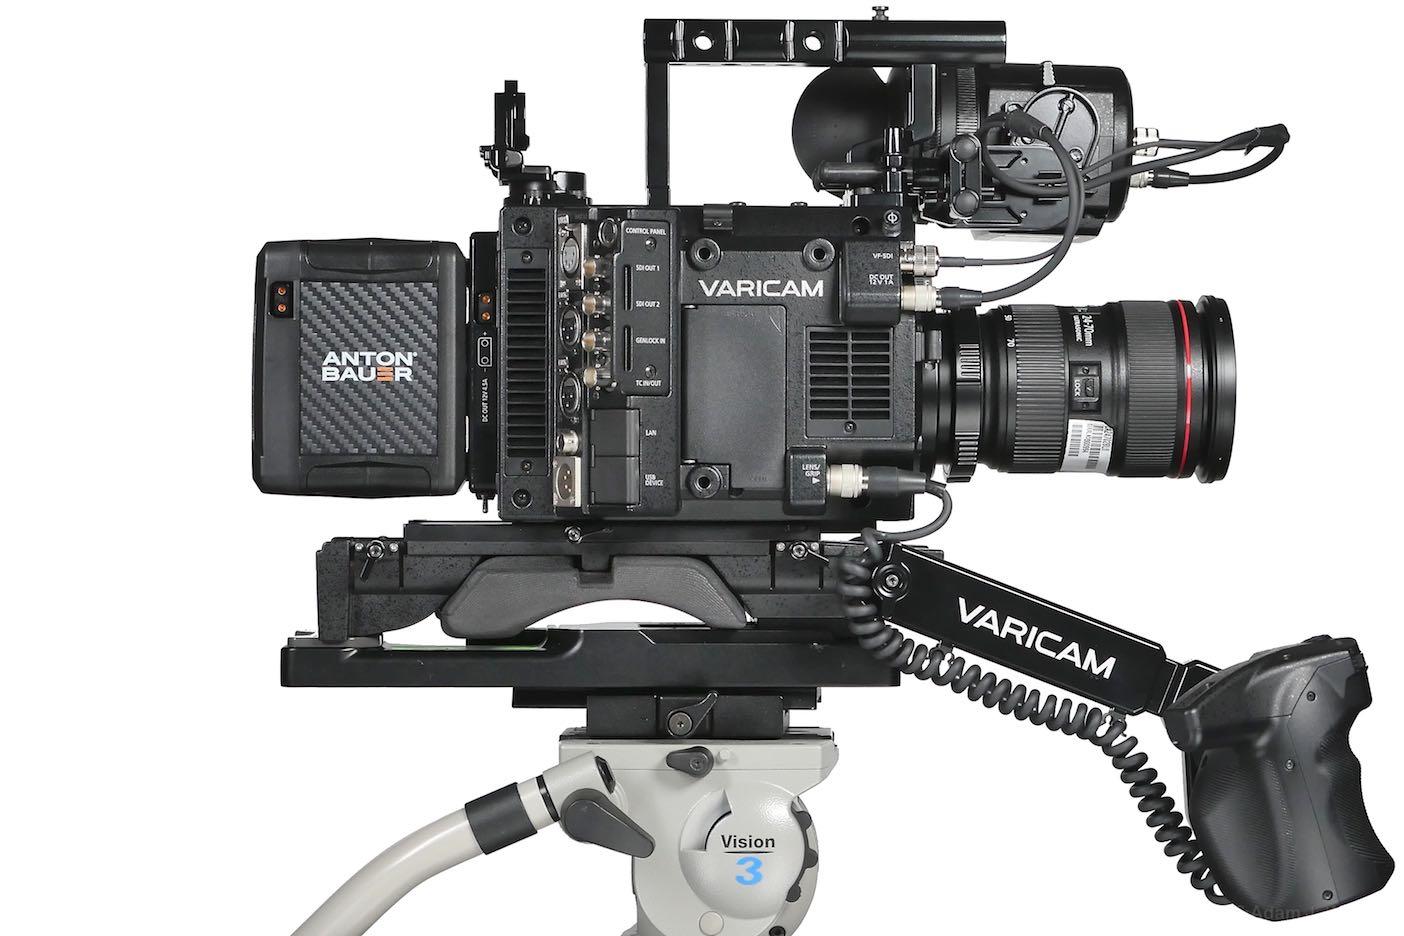 VariCam LT, side view